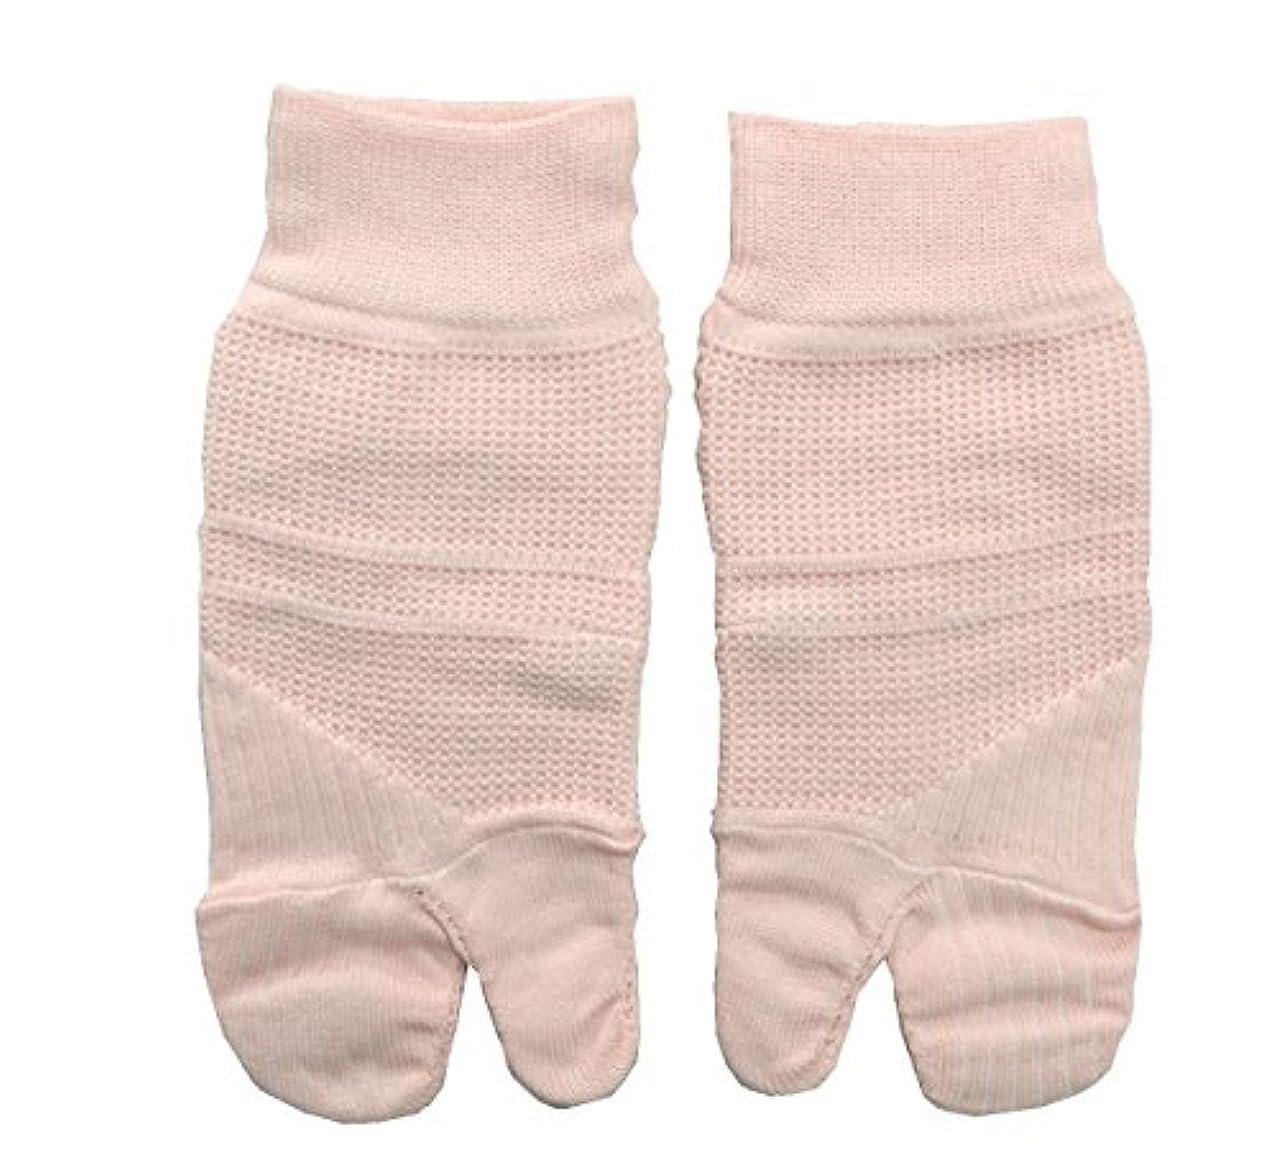 仮定、想定。推測散る起こりやすい外反母趾対策靴下(通常タイプ) コーポレーションパールスター?広島大学大学院特許製品